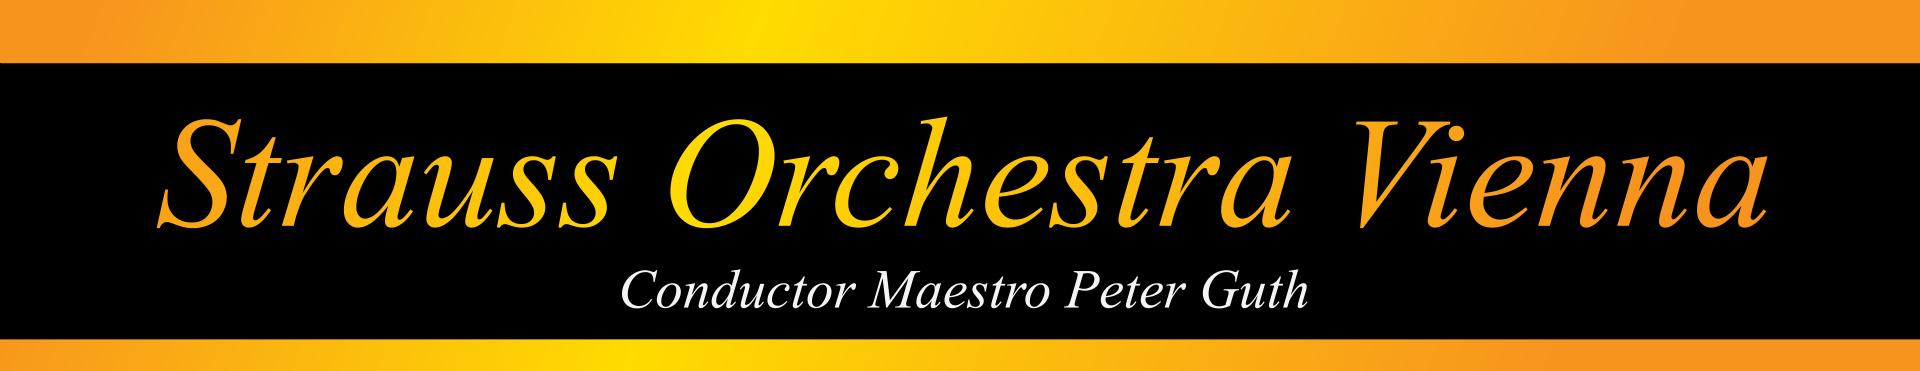 Strauss Vienna Orchestra